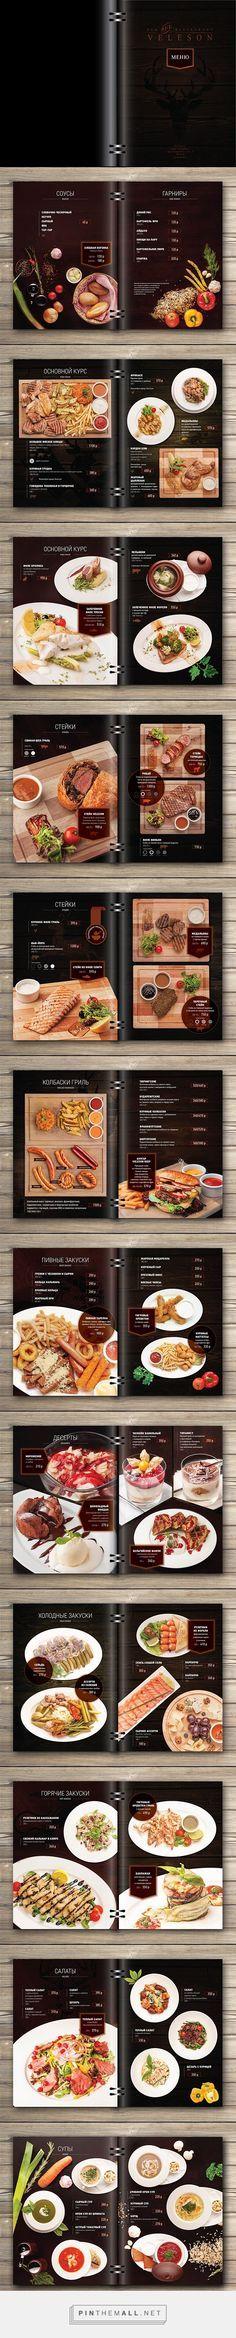 http://www.ccluismiguel.com/disenos-de-cartas-de-restaurantes-para-tu-inspiracion/ Inspírate con esta recopilación de los mejores diseños de cartas para restaurantes, se puede ver una gran variedad de estilos y acabados. Las cartas y menús, son uno de los elementos más importantes que hay en los restaurantes y debemos darle la importancia que se merecen.